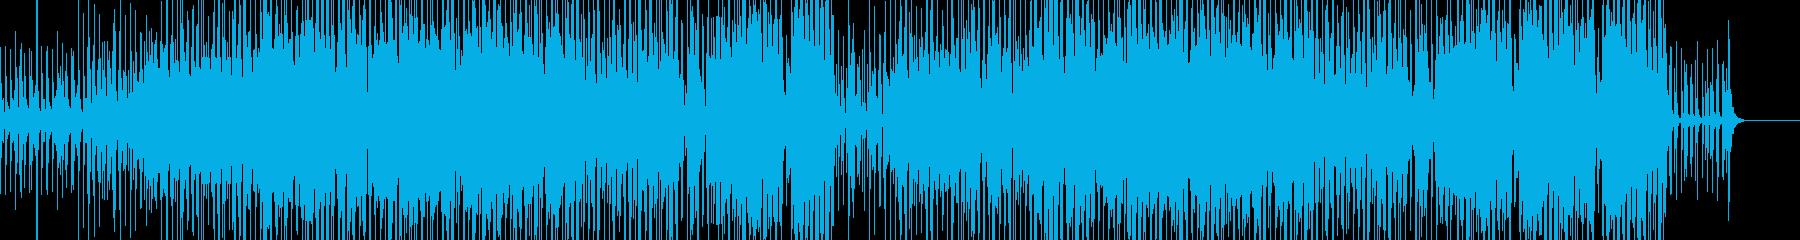 お祭り気分・昭和歌謡曲風ポップ L2の再生済みの波形